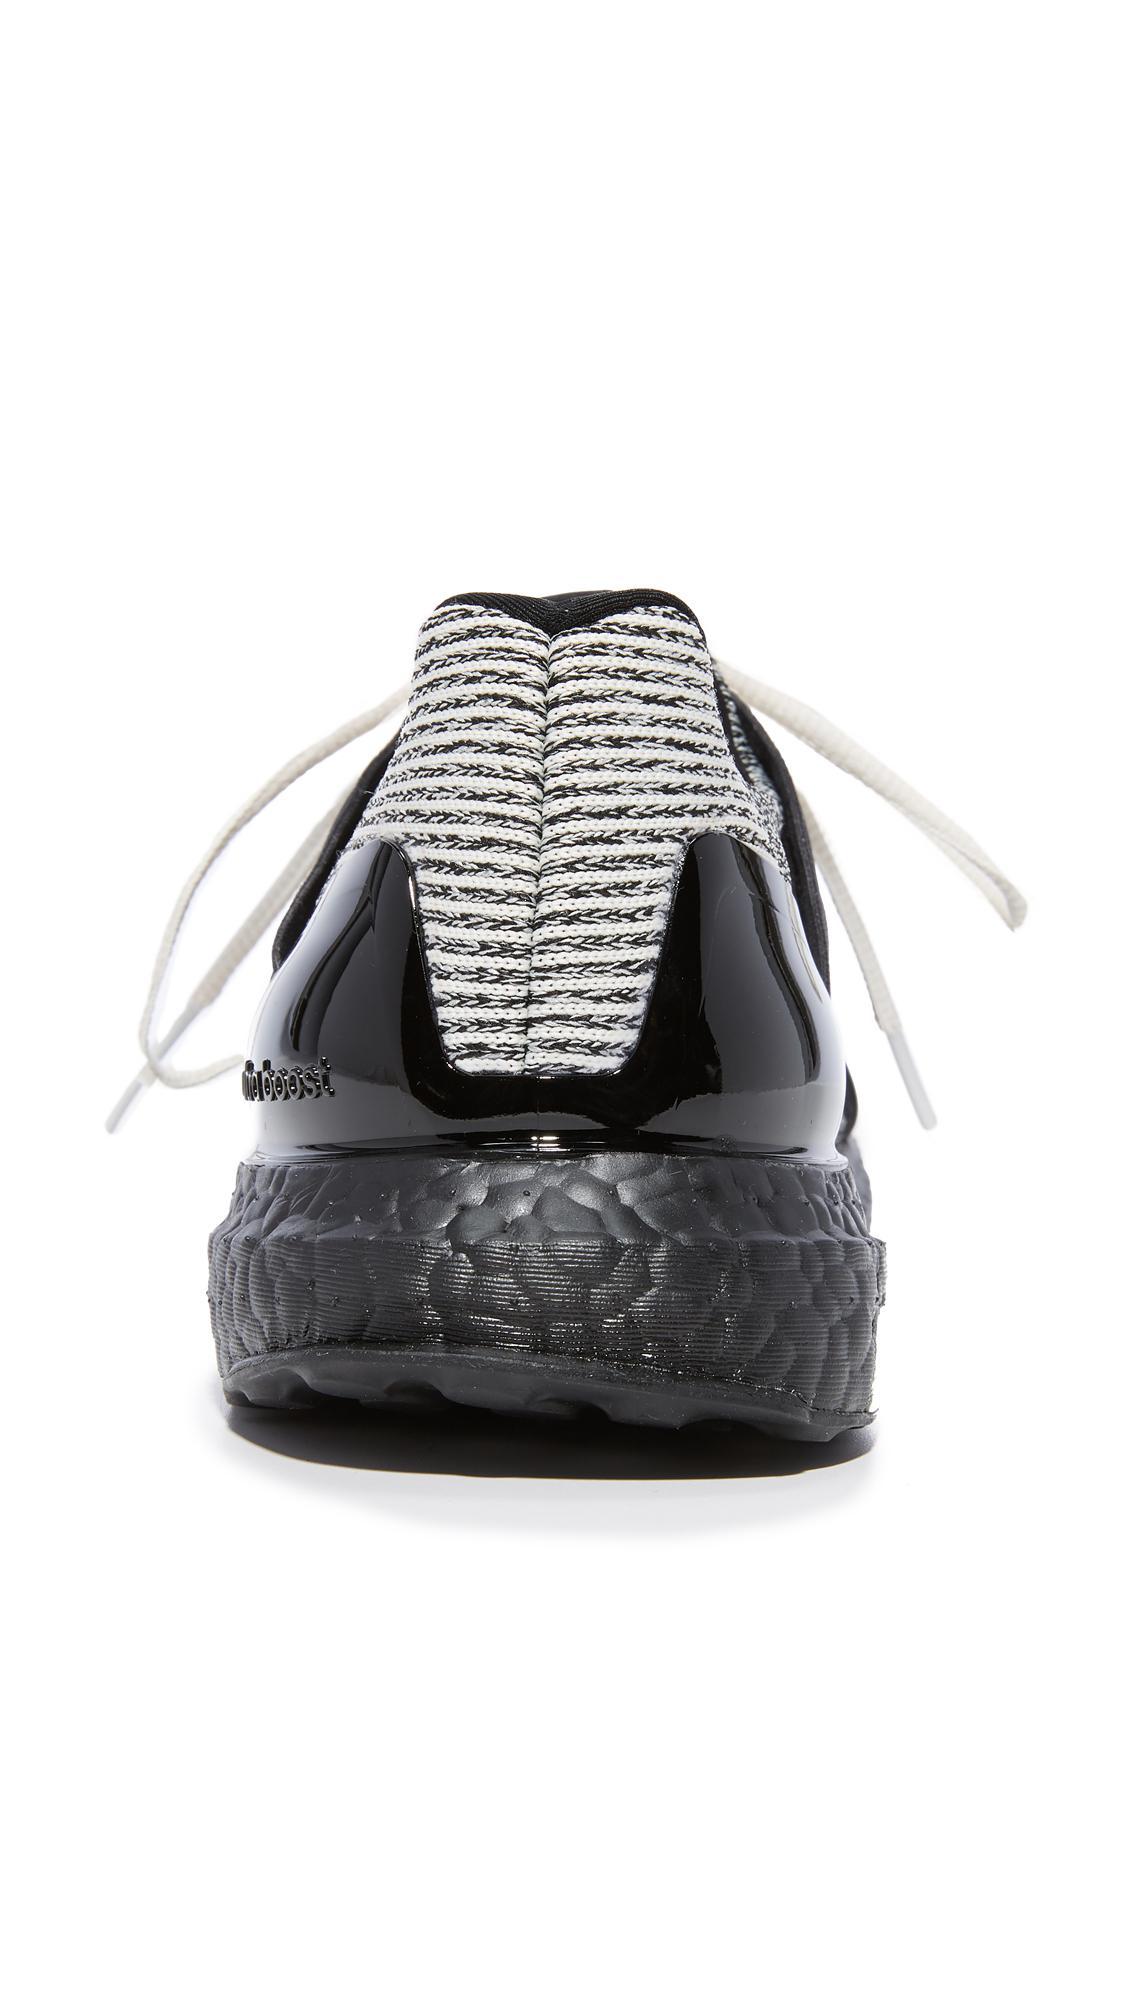 6750ddd78131b Lyst - adidas By Stella McCartney Limited Edition Ultra Boost ...